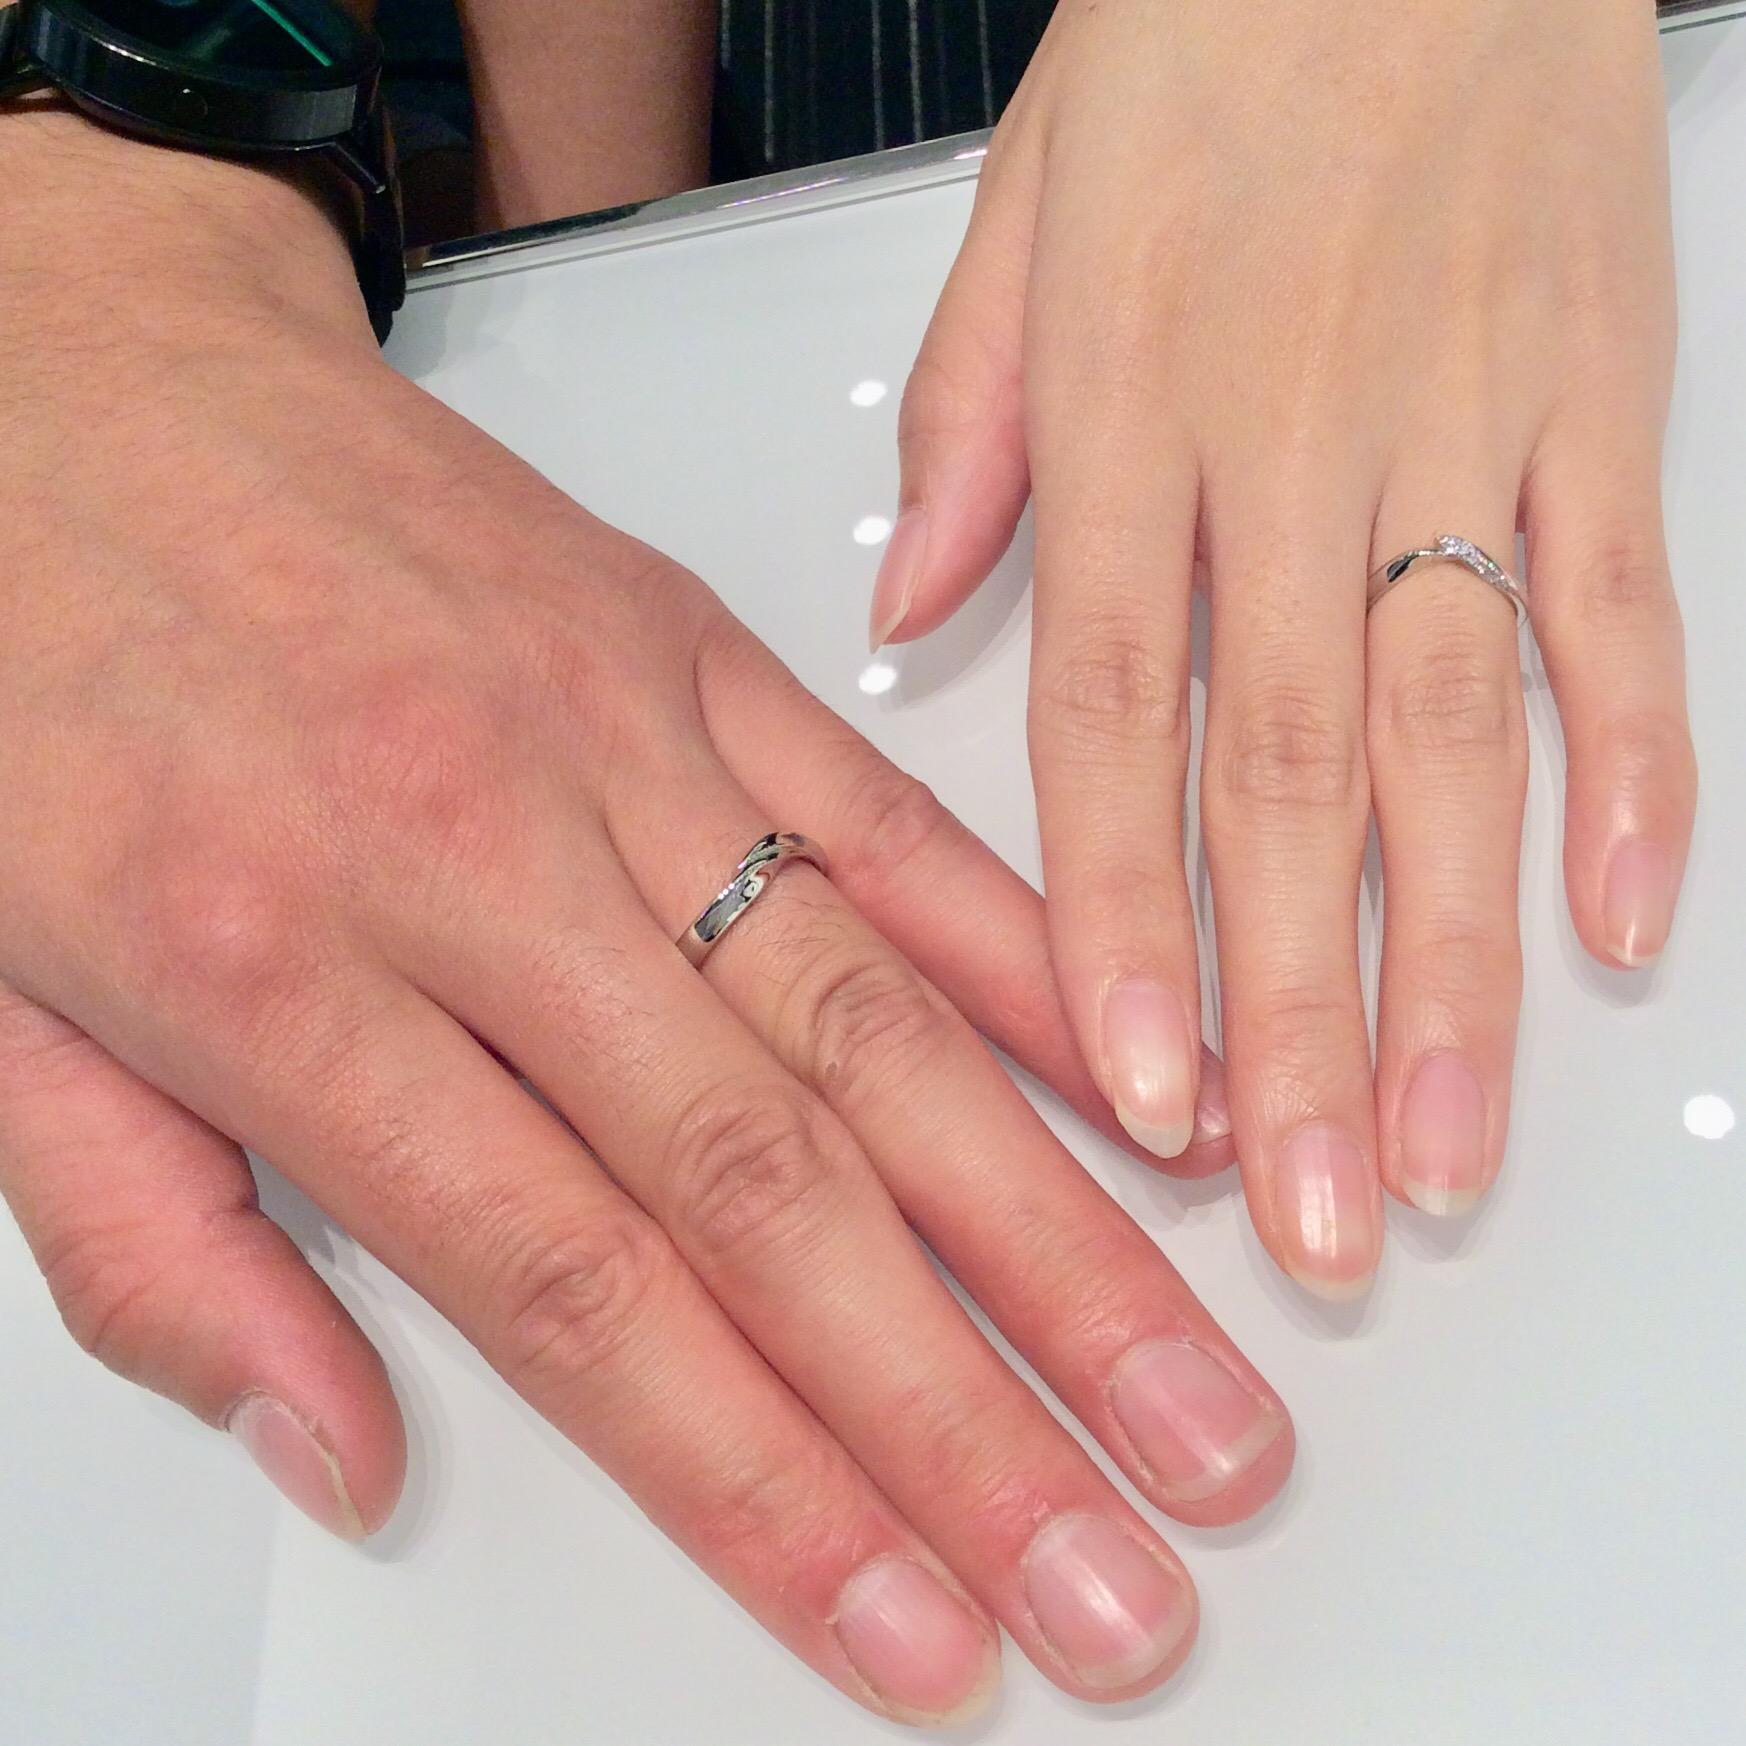 特別な意味が込められた俄(にわか)の結婚指輪(柏崎市/T様・Y様ご夫婦)